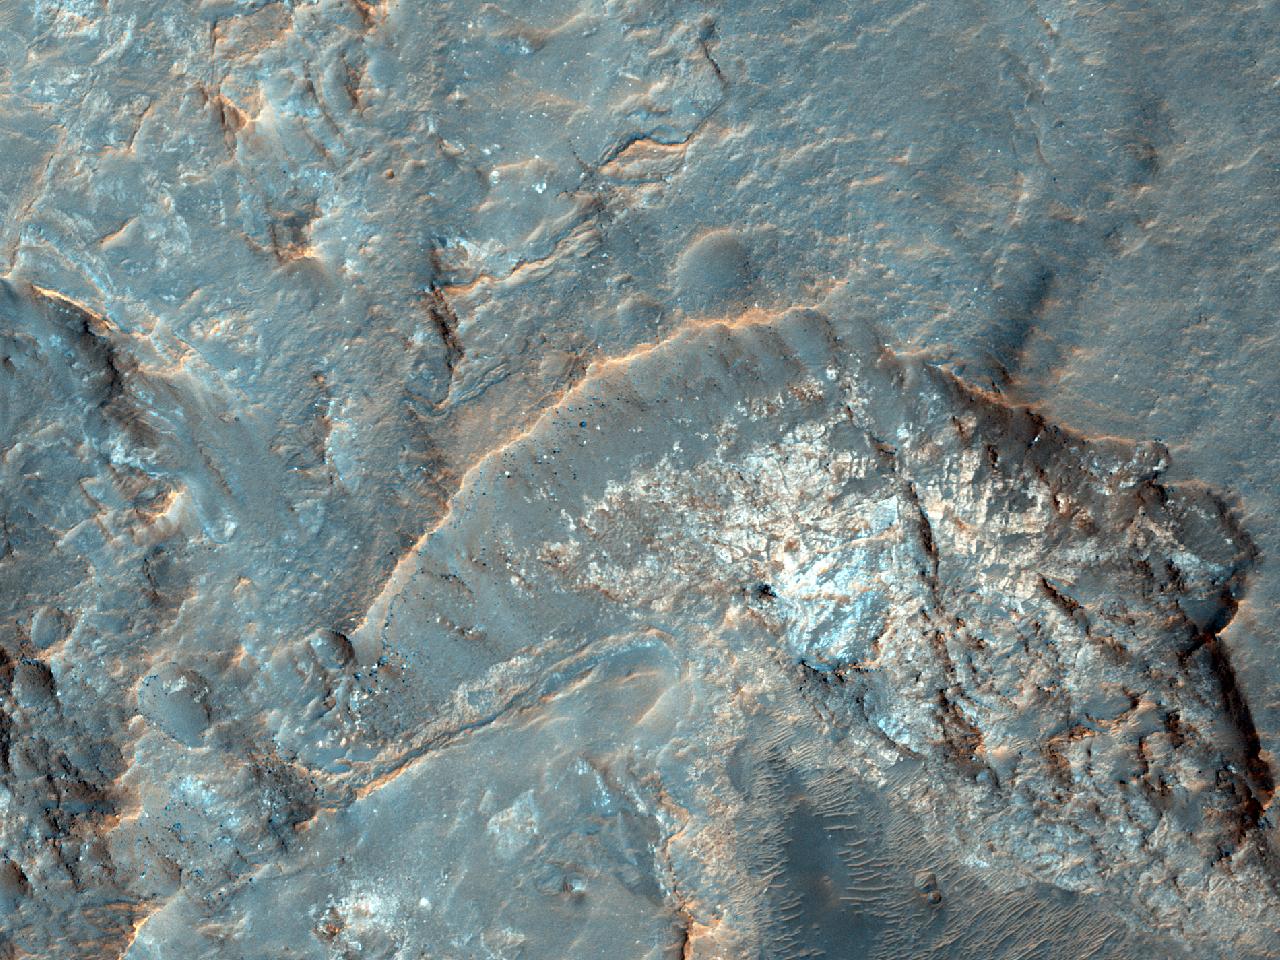 Frumoasele straturi ale rocii mamă de la baza Craterului la Nord deArgyre Planitia